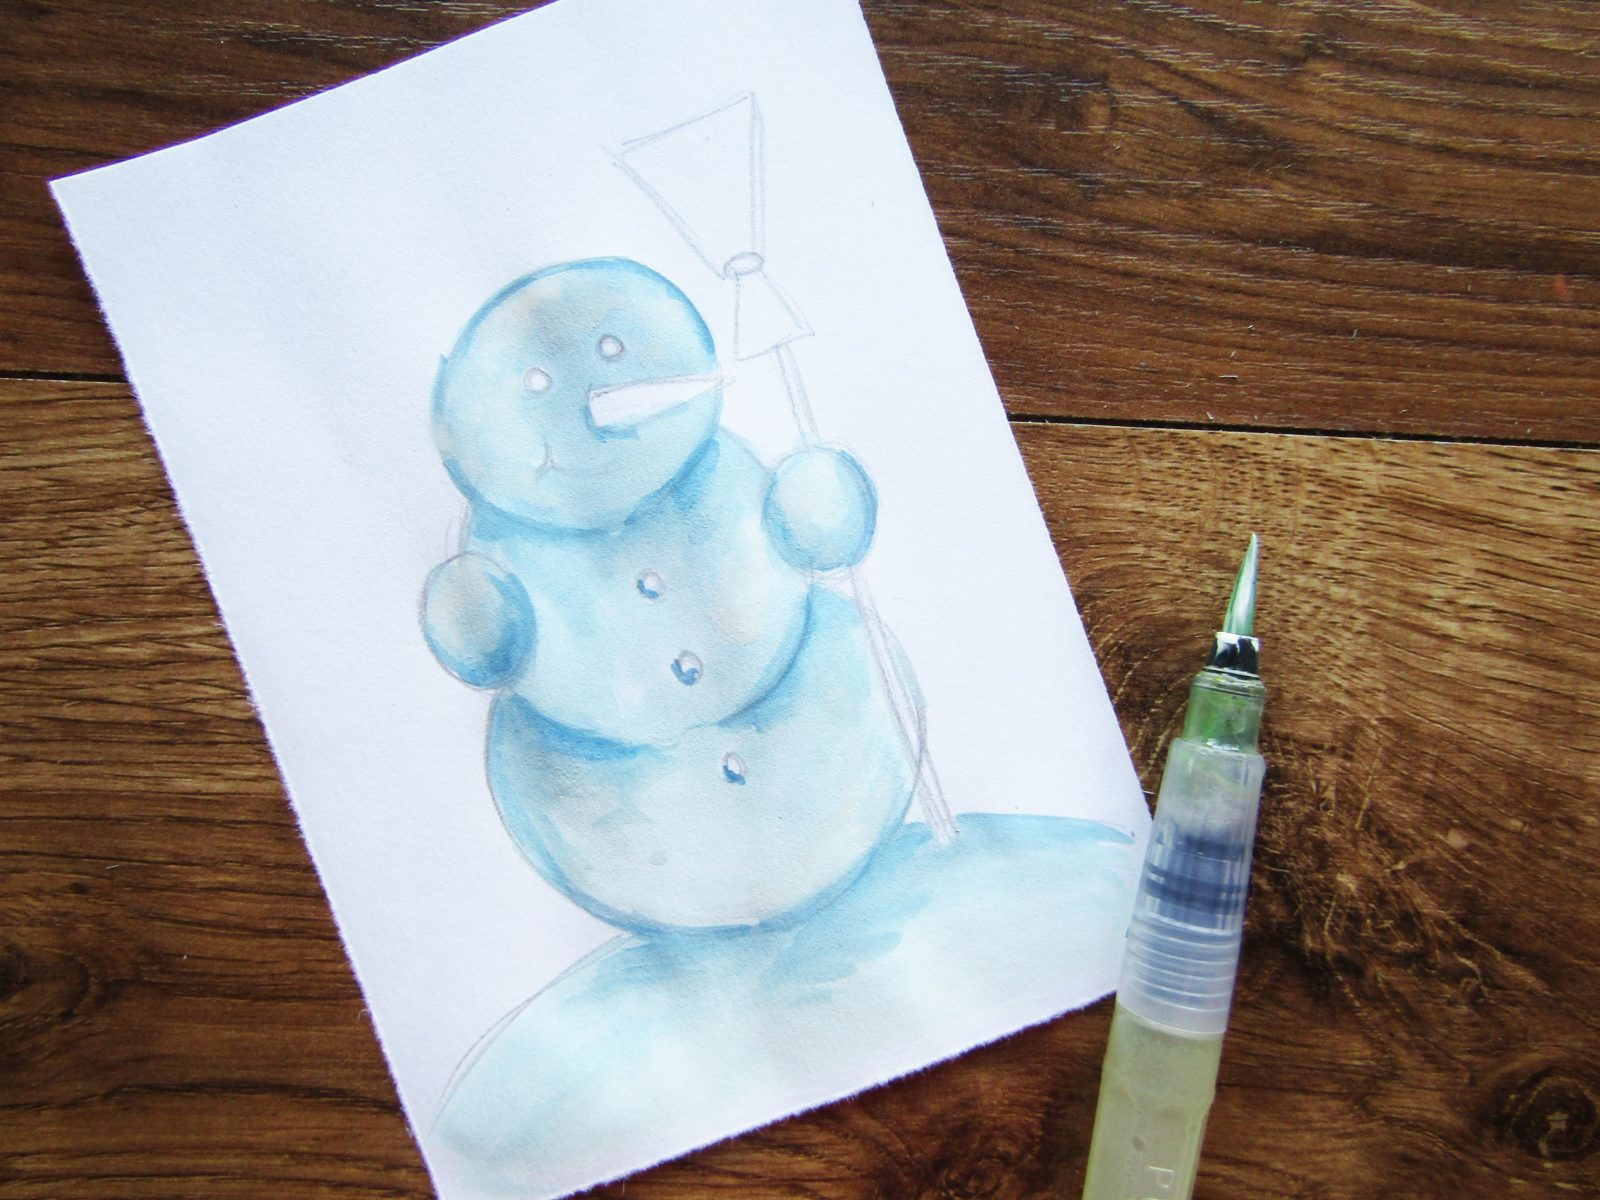 Как нарисовать снеговика гуашью - 5